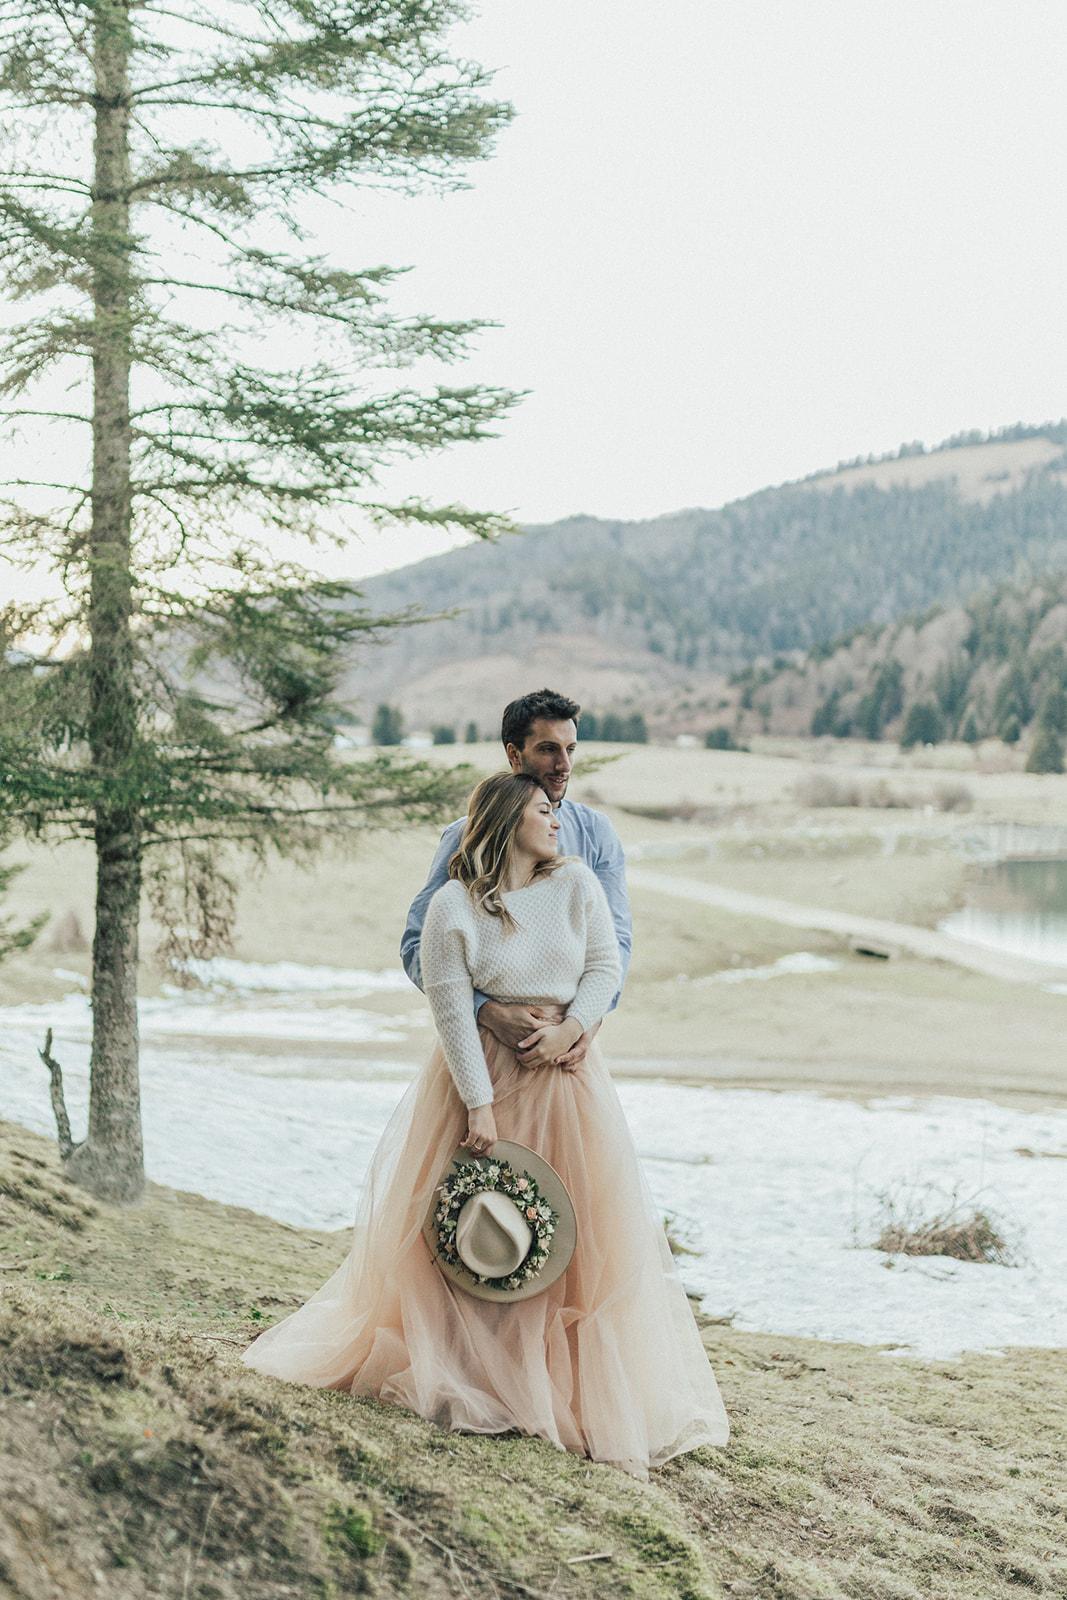 Elopement hivernal amoureux montagne lac plein milieu amoureux